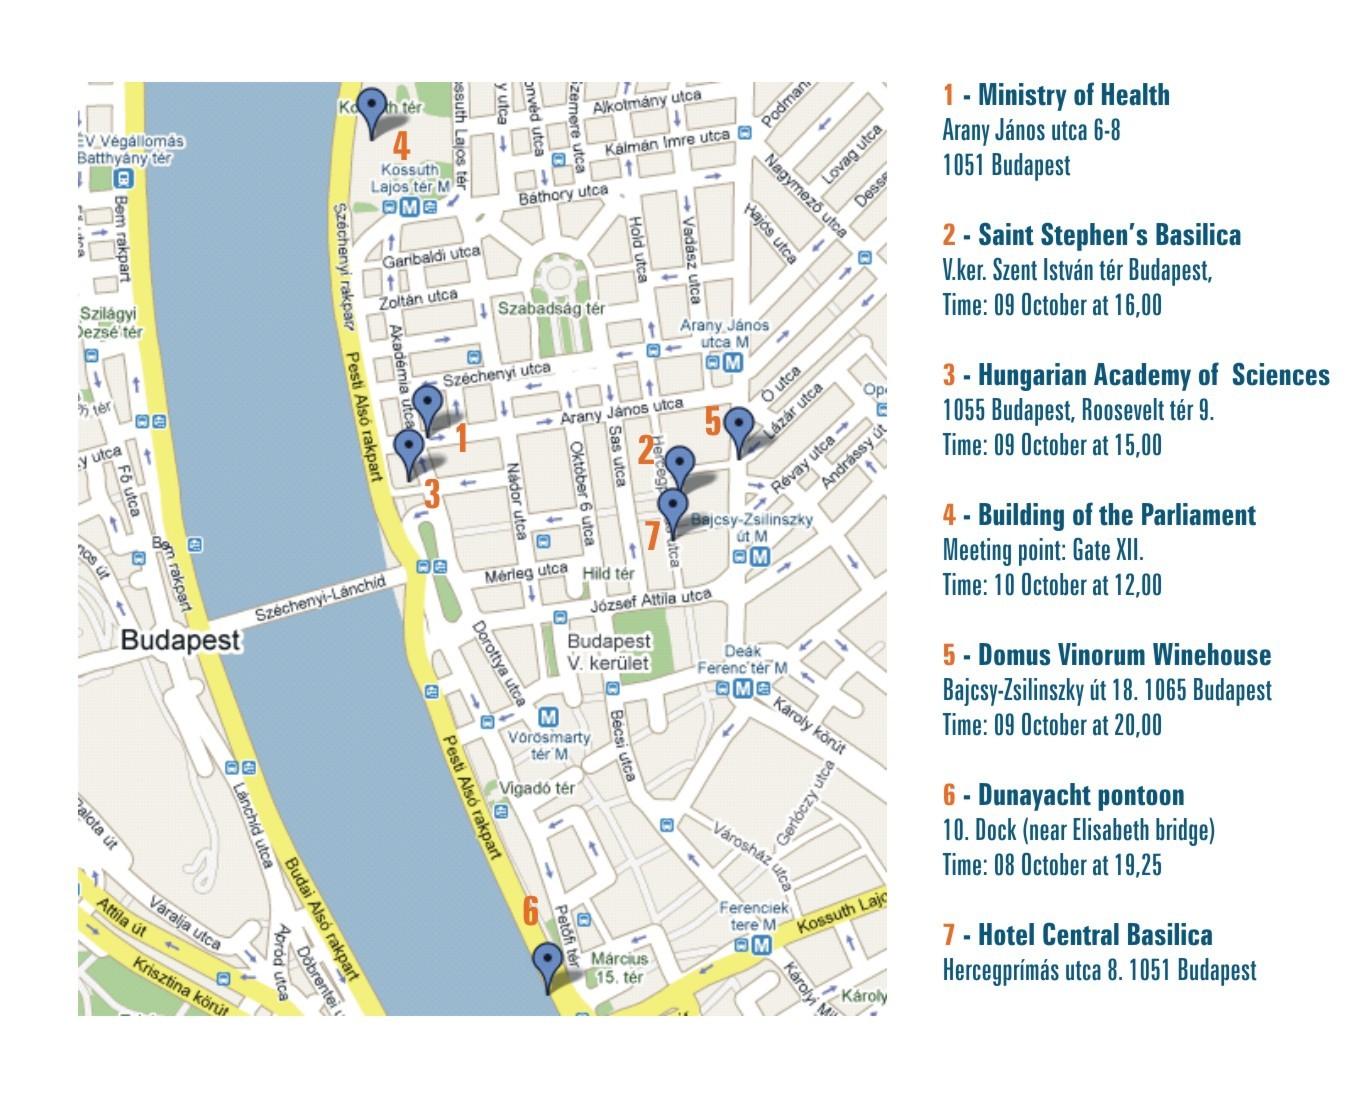 budapest térkép 2009 2009 Elisad Meeting / HomePage budapest térkép 2009